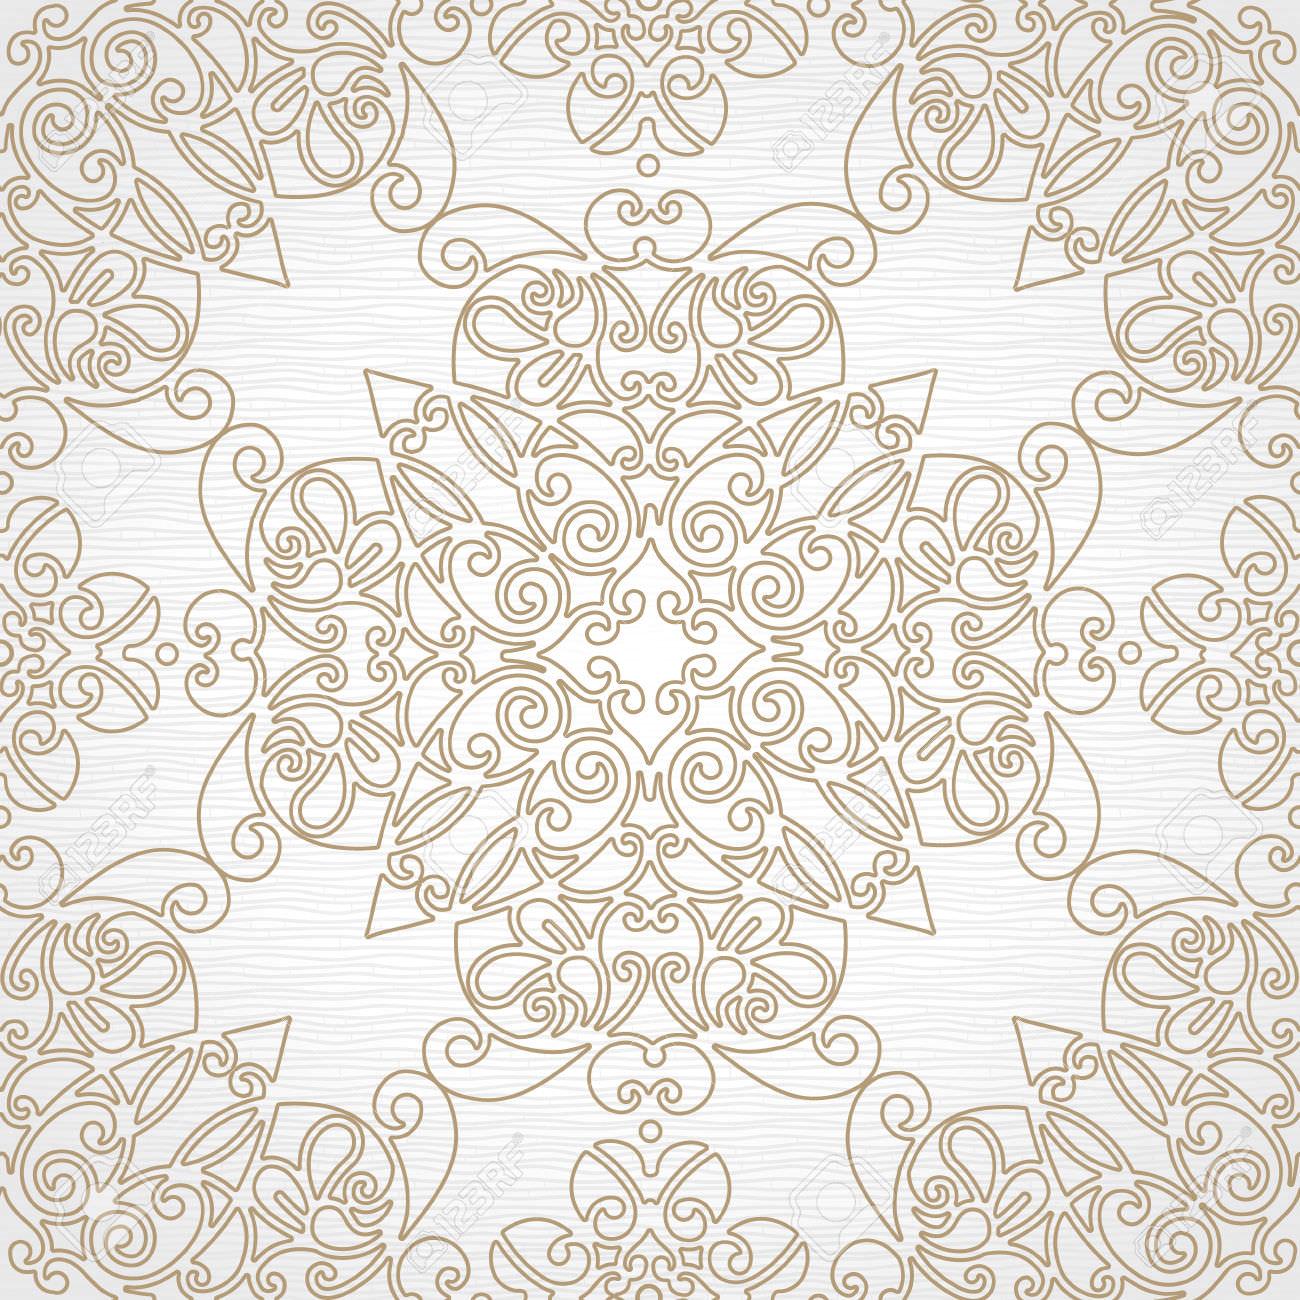 light lace texture design